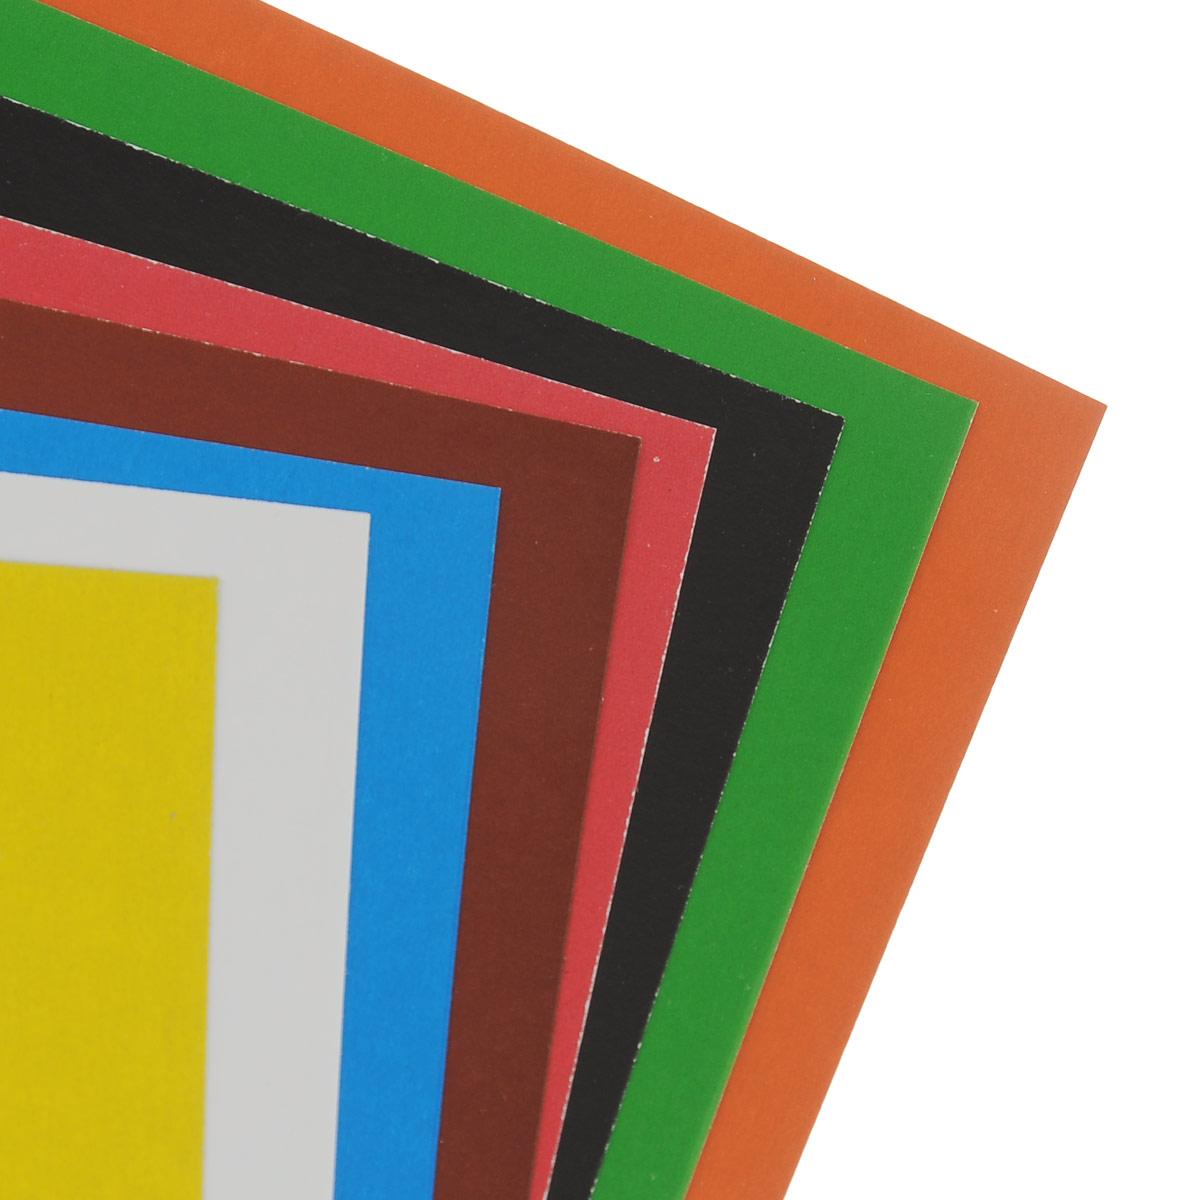 Набор цветного картона Action!: Strawberry Shortcake позволит создавать всевозможные аппликации и поделки. Набор включает 16 листов одностороннего цветного картона формата А4. Цвета: желтый, красный, зеленый, синий, оранжевый, белый, коричневый черный.  Создание поделок из цветного картона позволяет ребенку развивать творческие способности, кроме того, это увлекательный досуг. Набор упакован в картонную папку с изображением Strawberry Shortcake